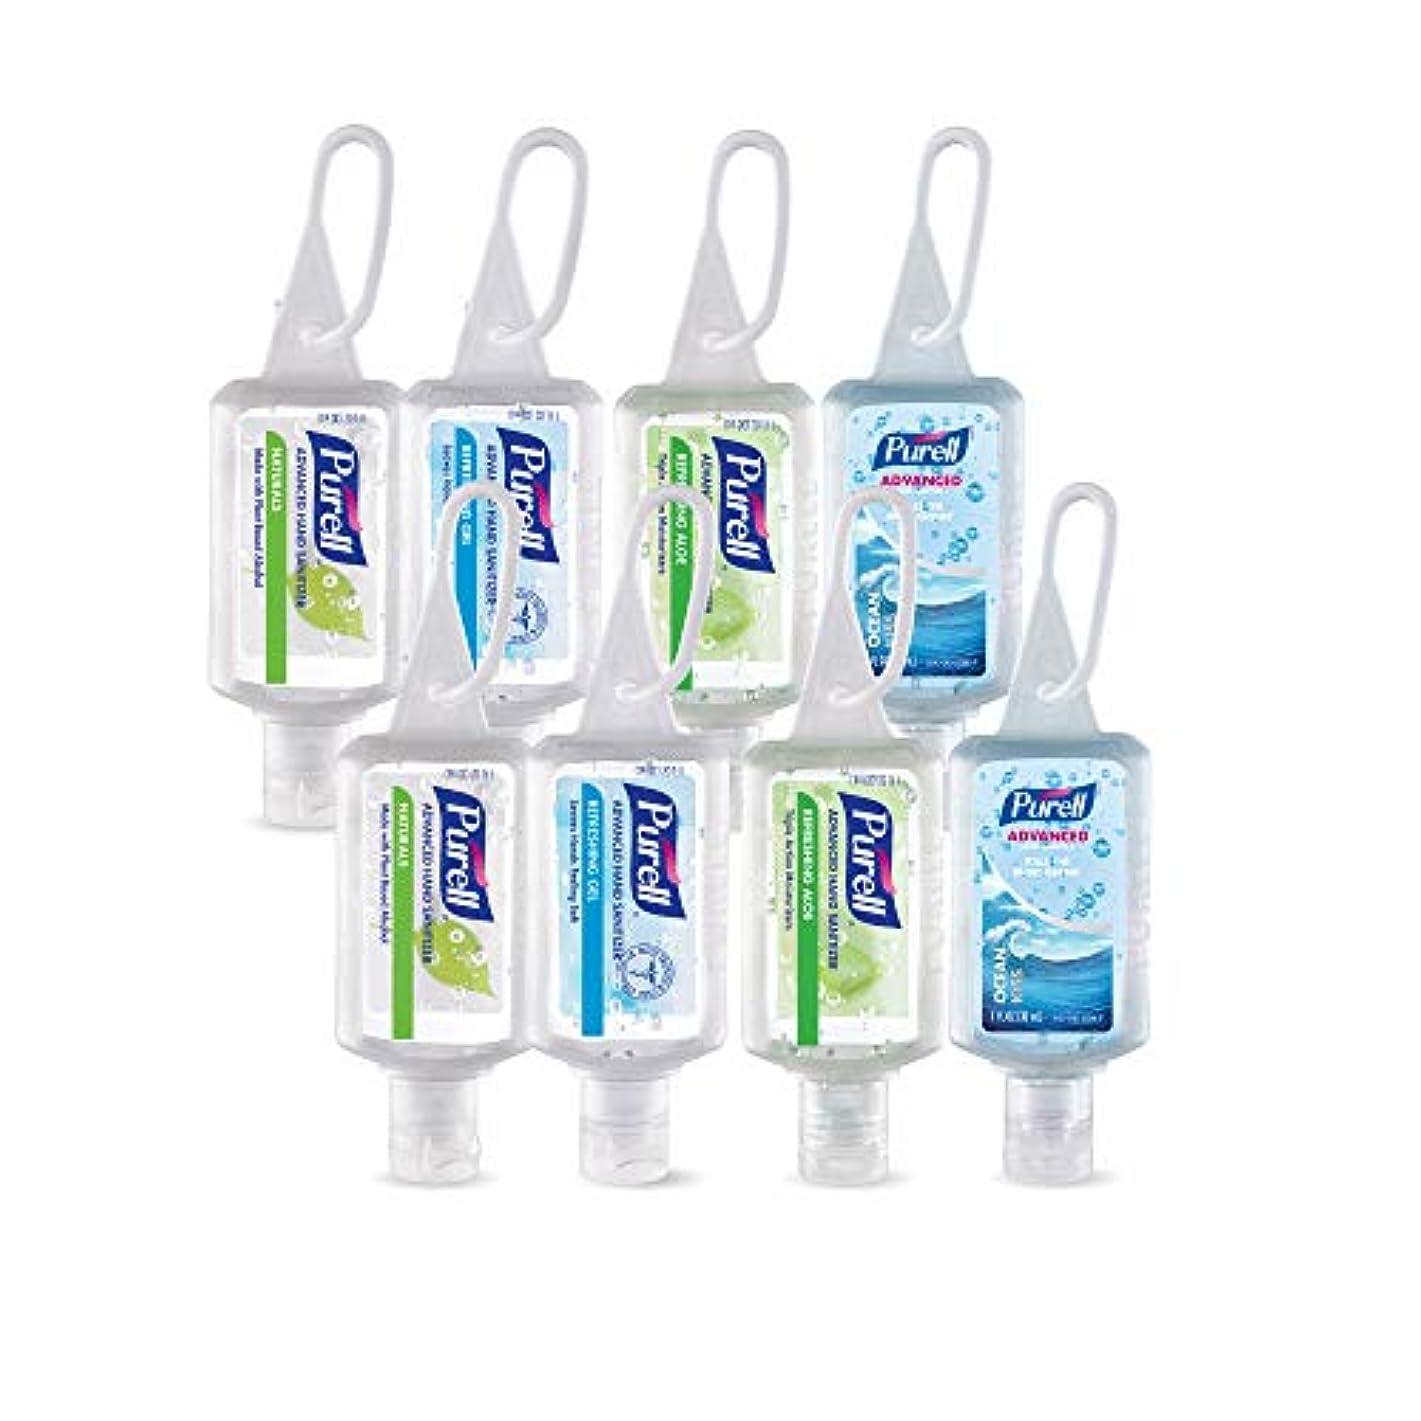 情熱的パイプライン所属Purell高度なインスタントHand Sanitizer – トラベルサイズJellyラップポータブルSanitizerボトル、香りつき